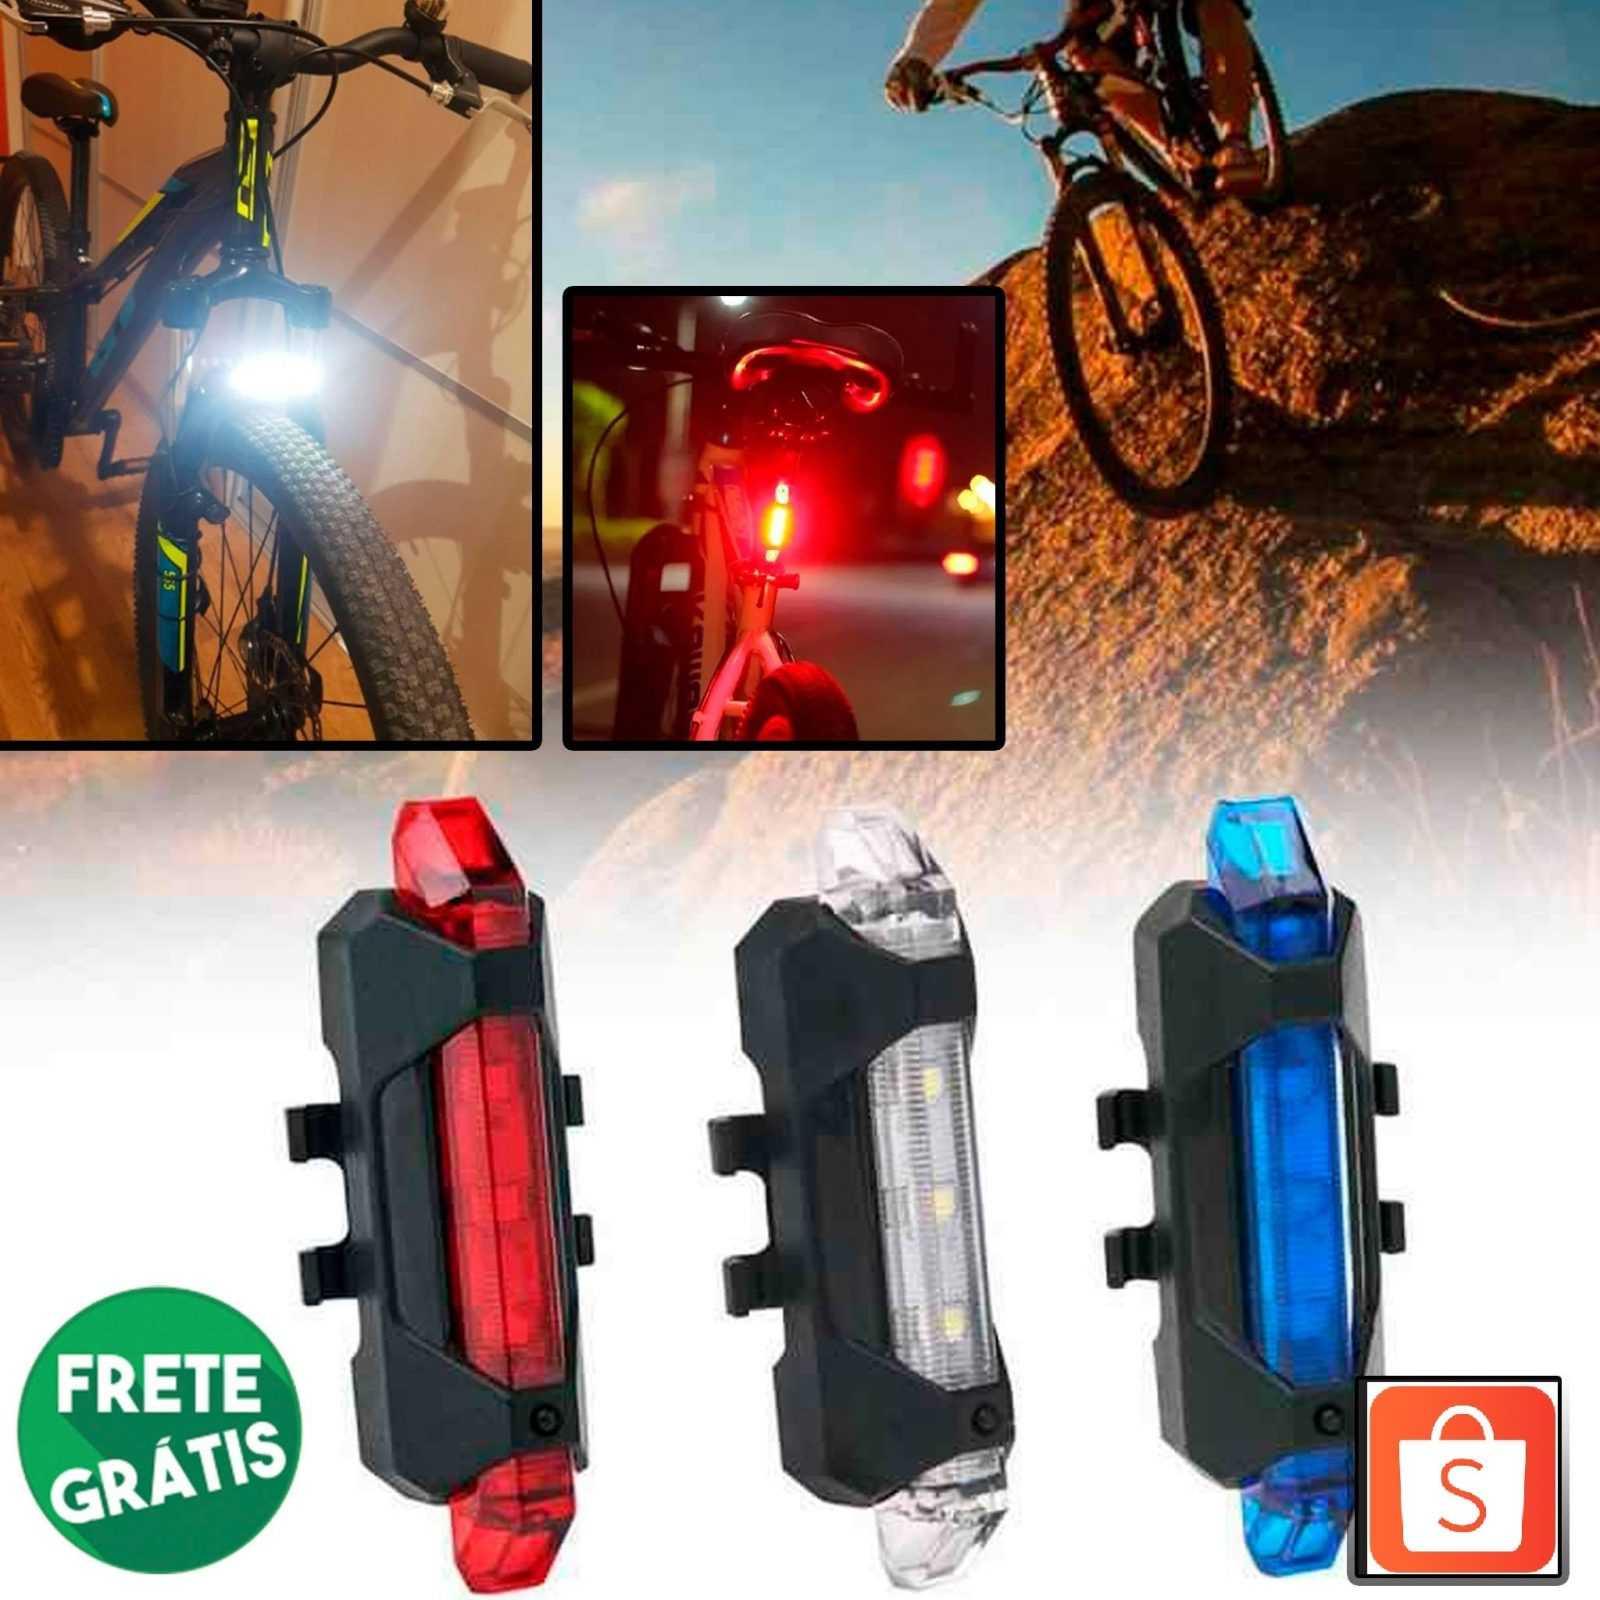 Sinalizador Traseiro Bike Luz Led Recarregável Usb – 3 Cores